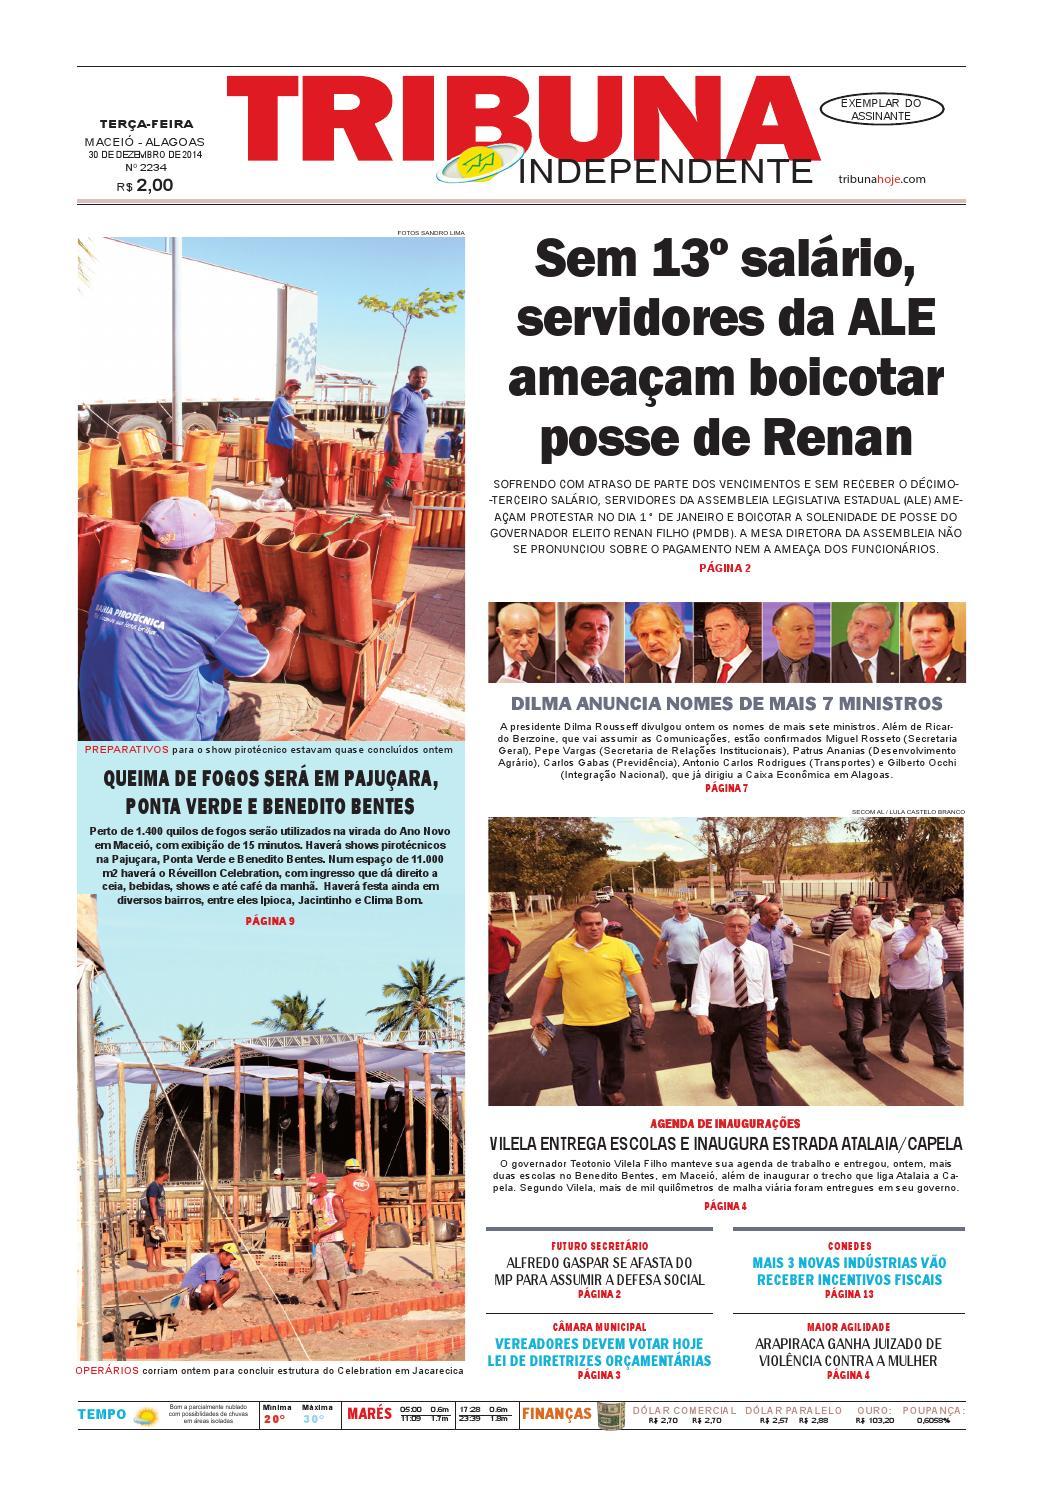 abe0c081bdc8a Edição número 2234 - 30 de dezembro de 2014 by Tribuna Hoje - issuu